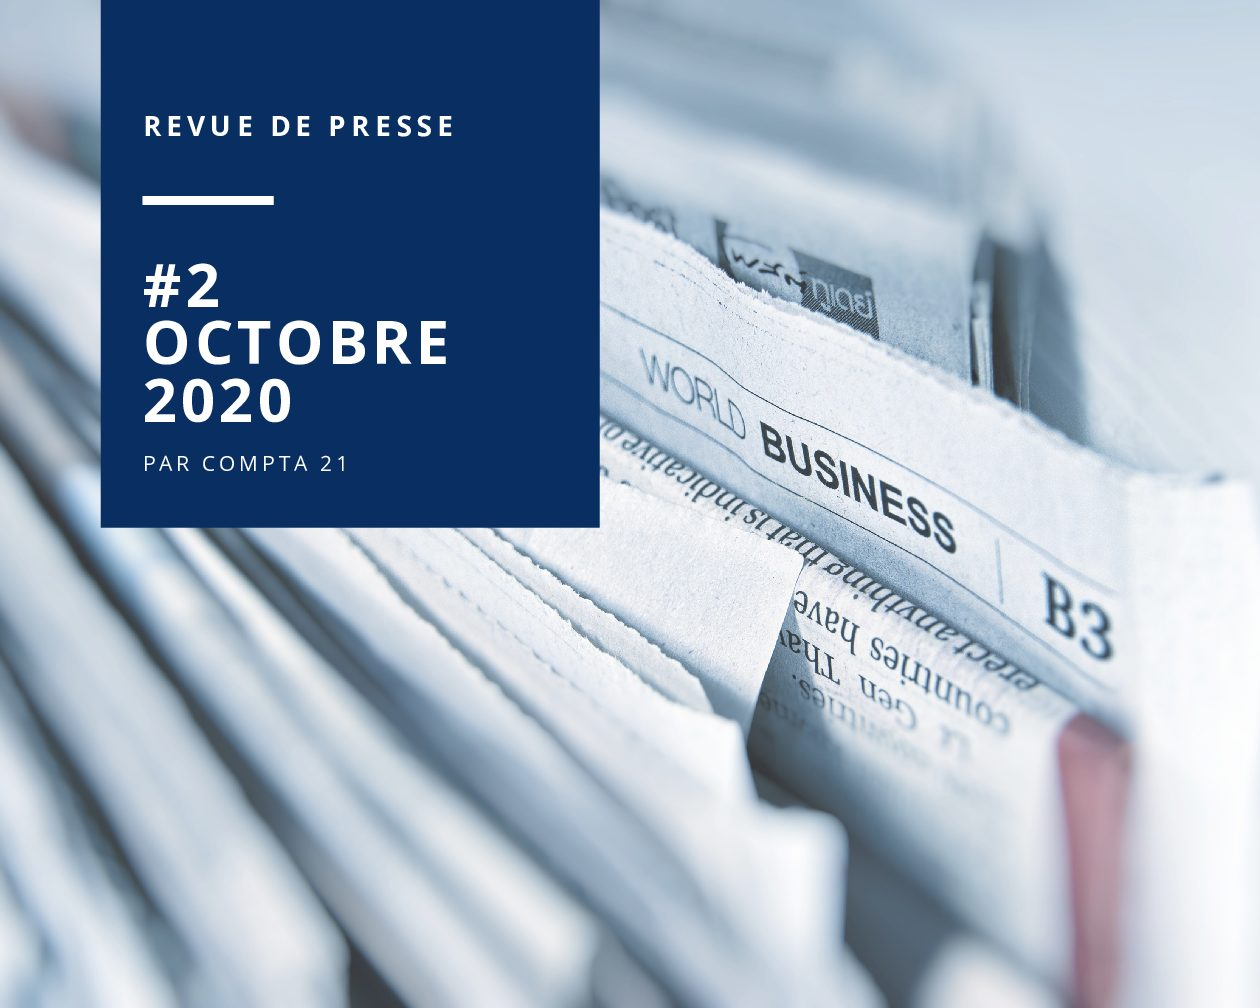 #2 – Octobre 2020 : Revue de presse